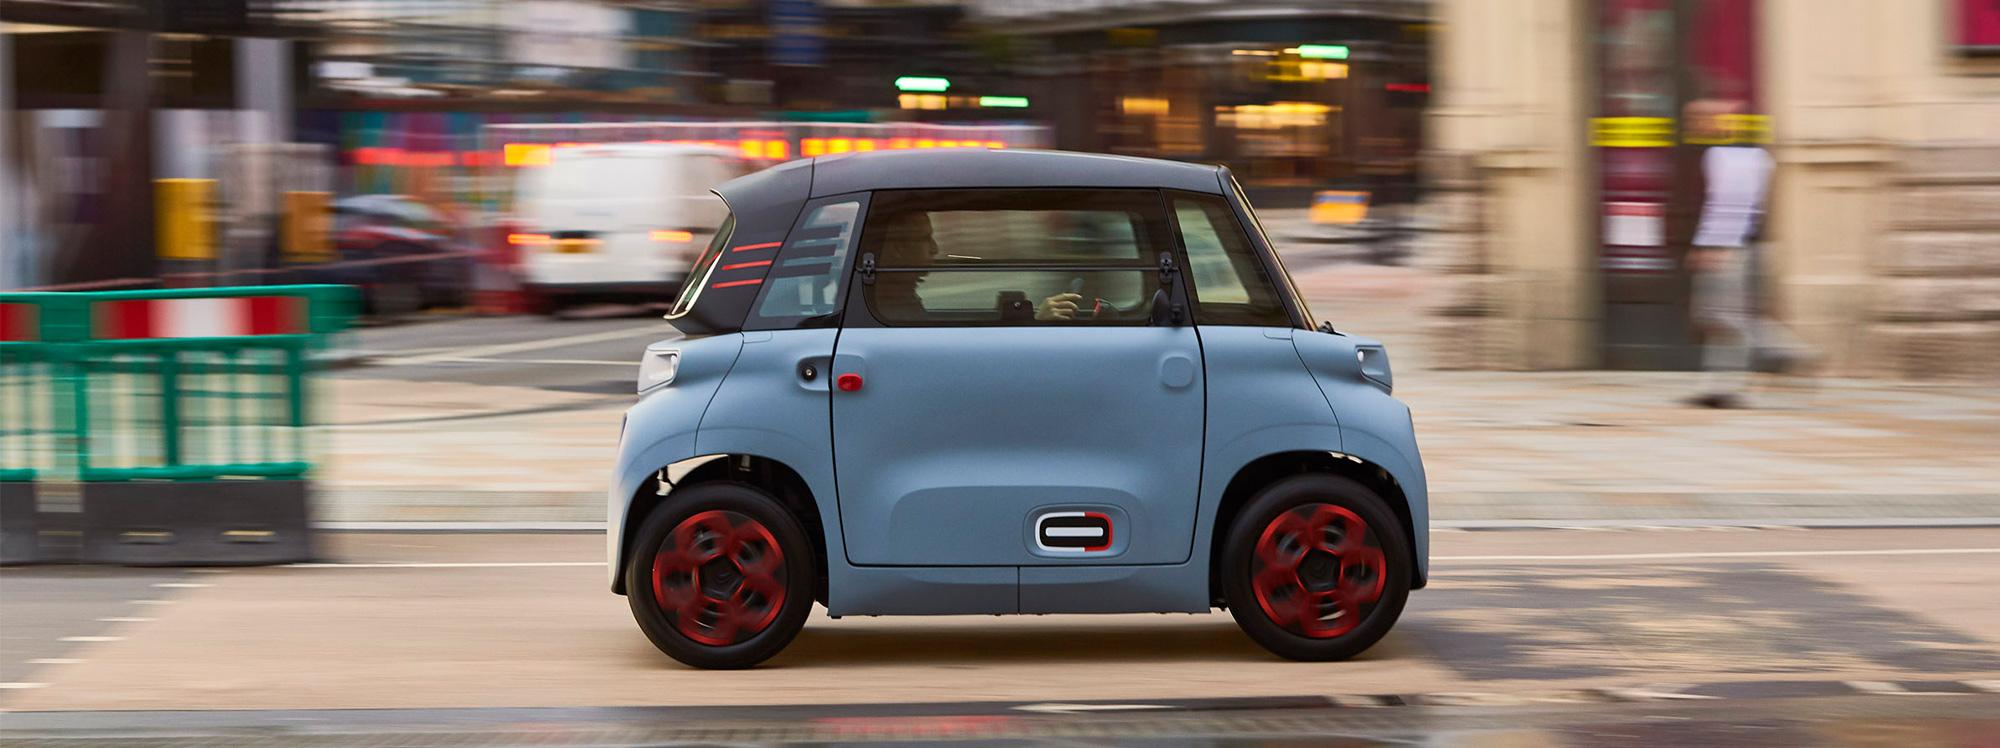 Citroën AMI: premio a la innovación 100% eléctrica